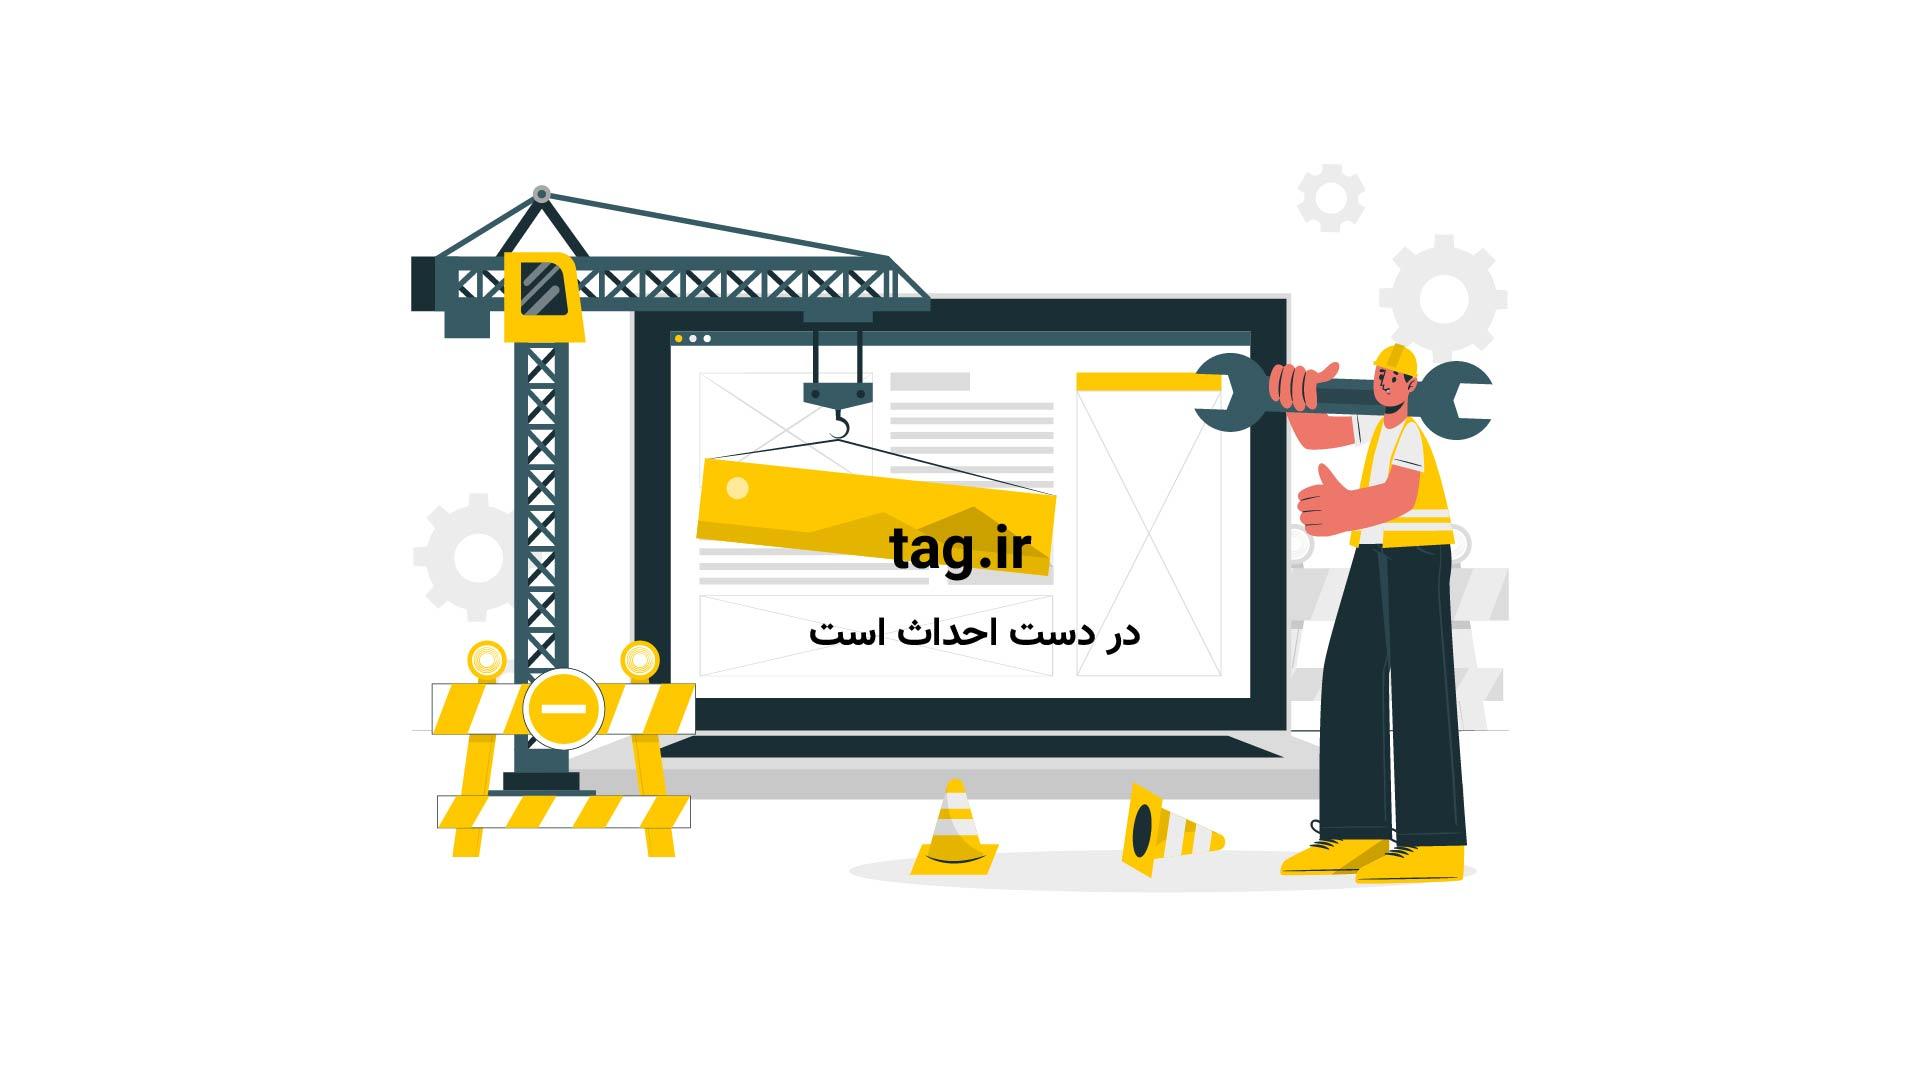 قرعه کشی مرحله یک هشتم نهایی لیگ قهرمانان اروپا | فیلم